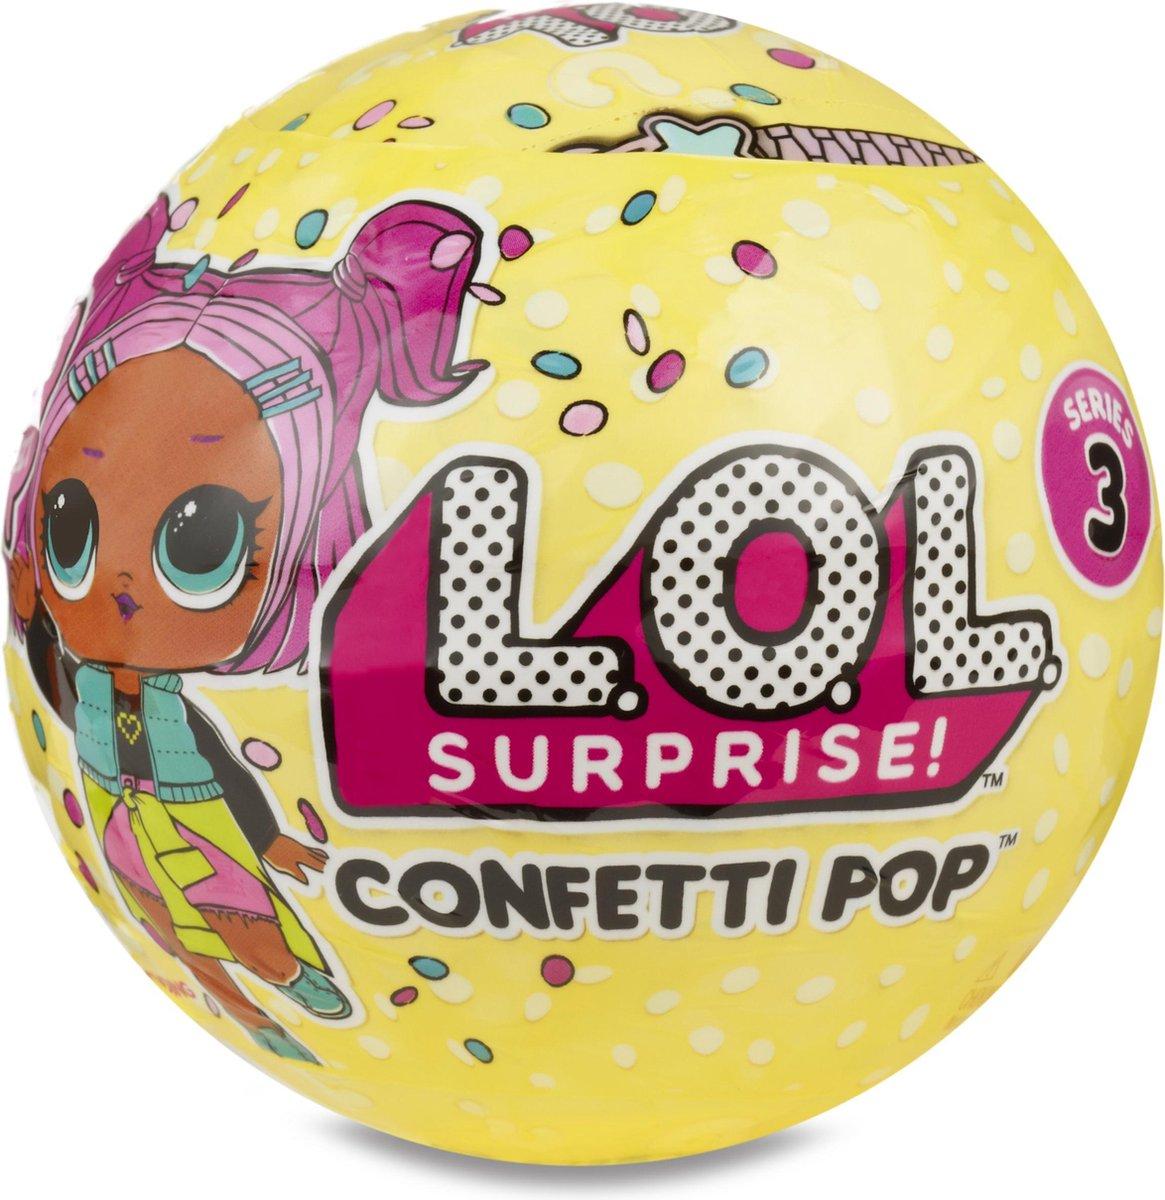 L.O.L. Surprise bal Confetti Serie 3 - L.O.L. Surprise!